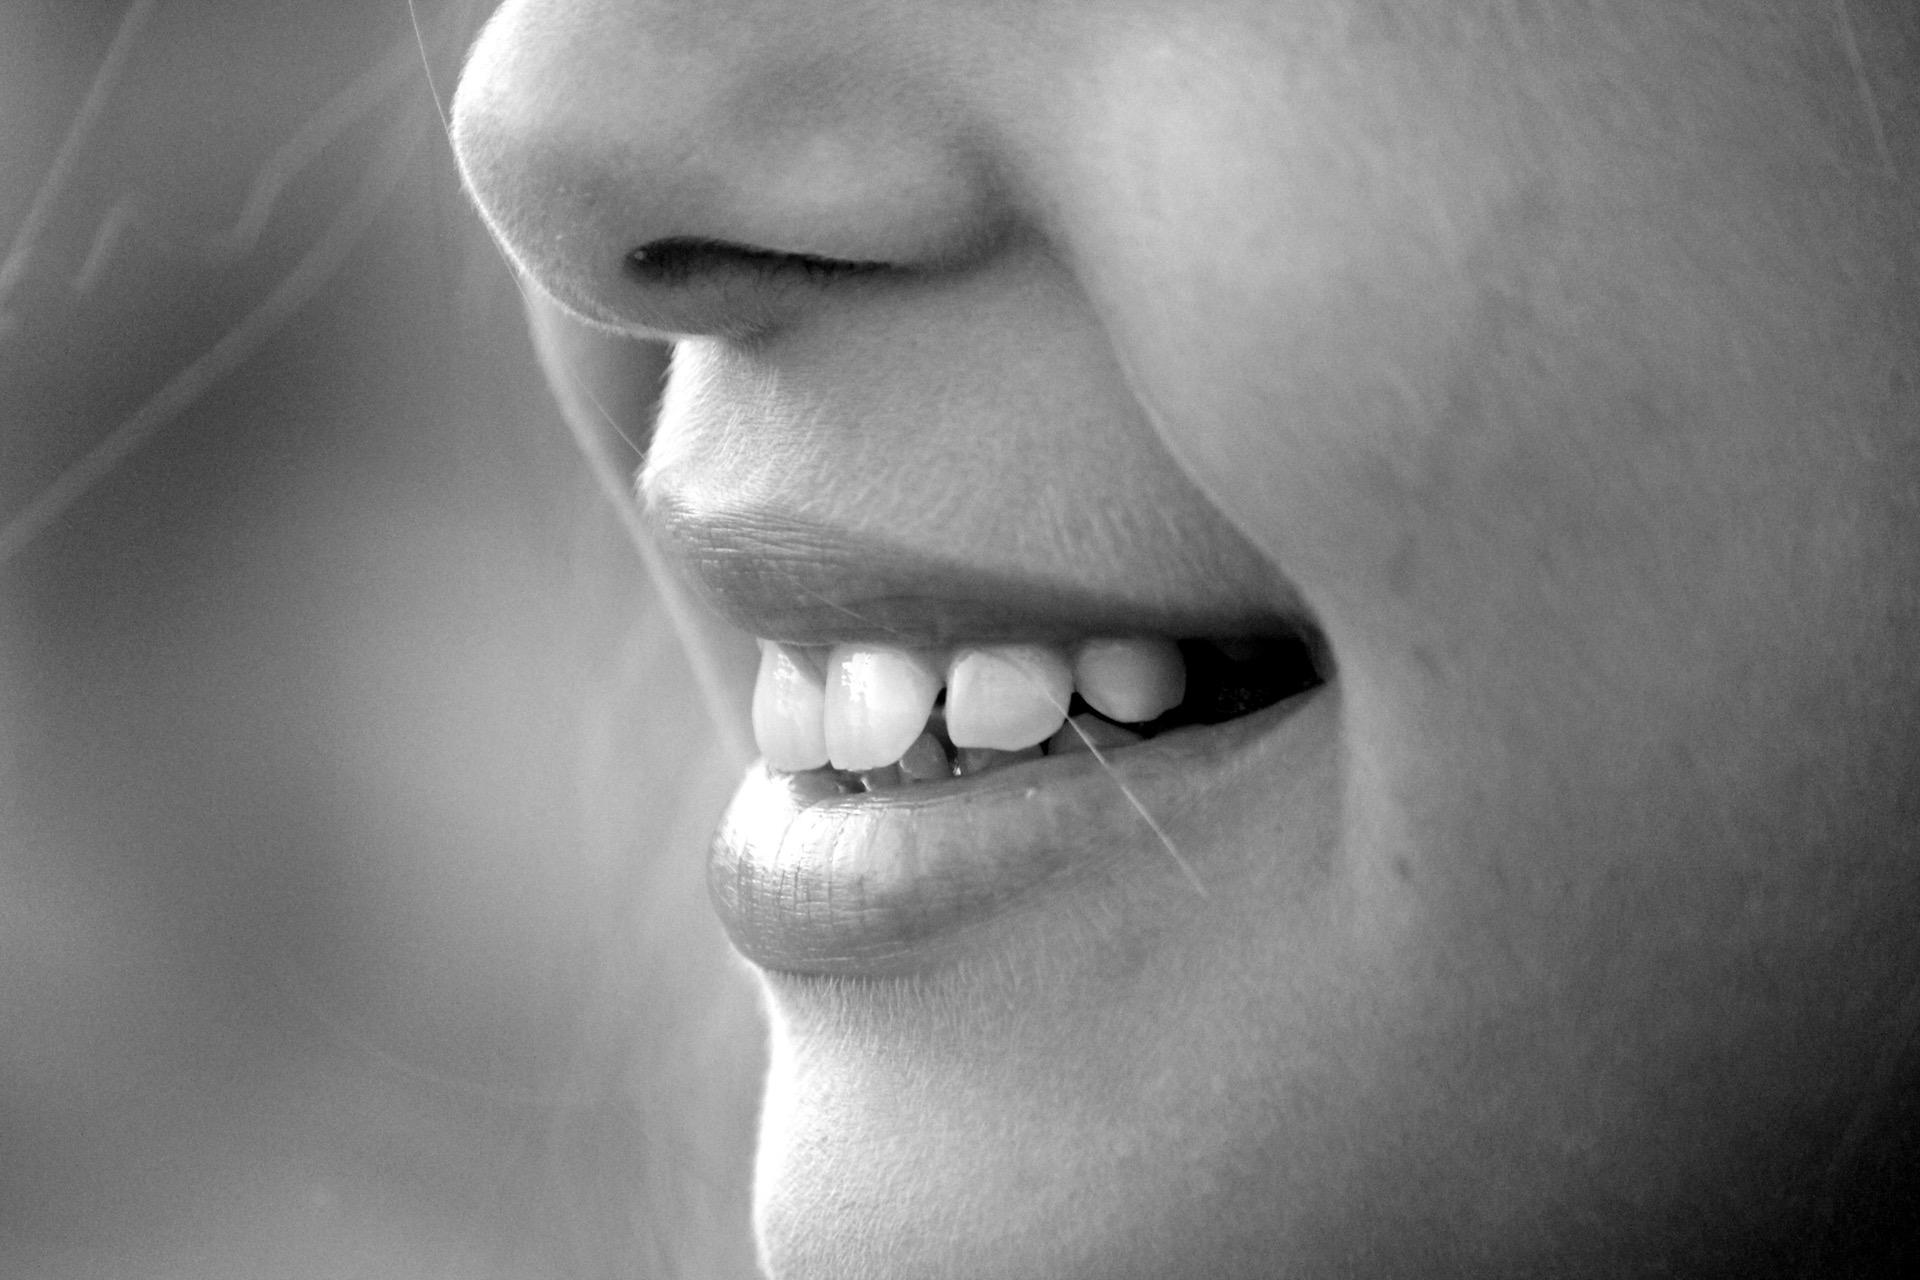 kako-izlijeciti-afte-kako-se-boriti-protiv-bakterija-u-ustima